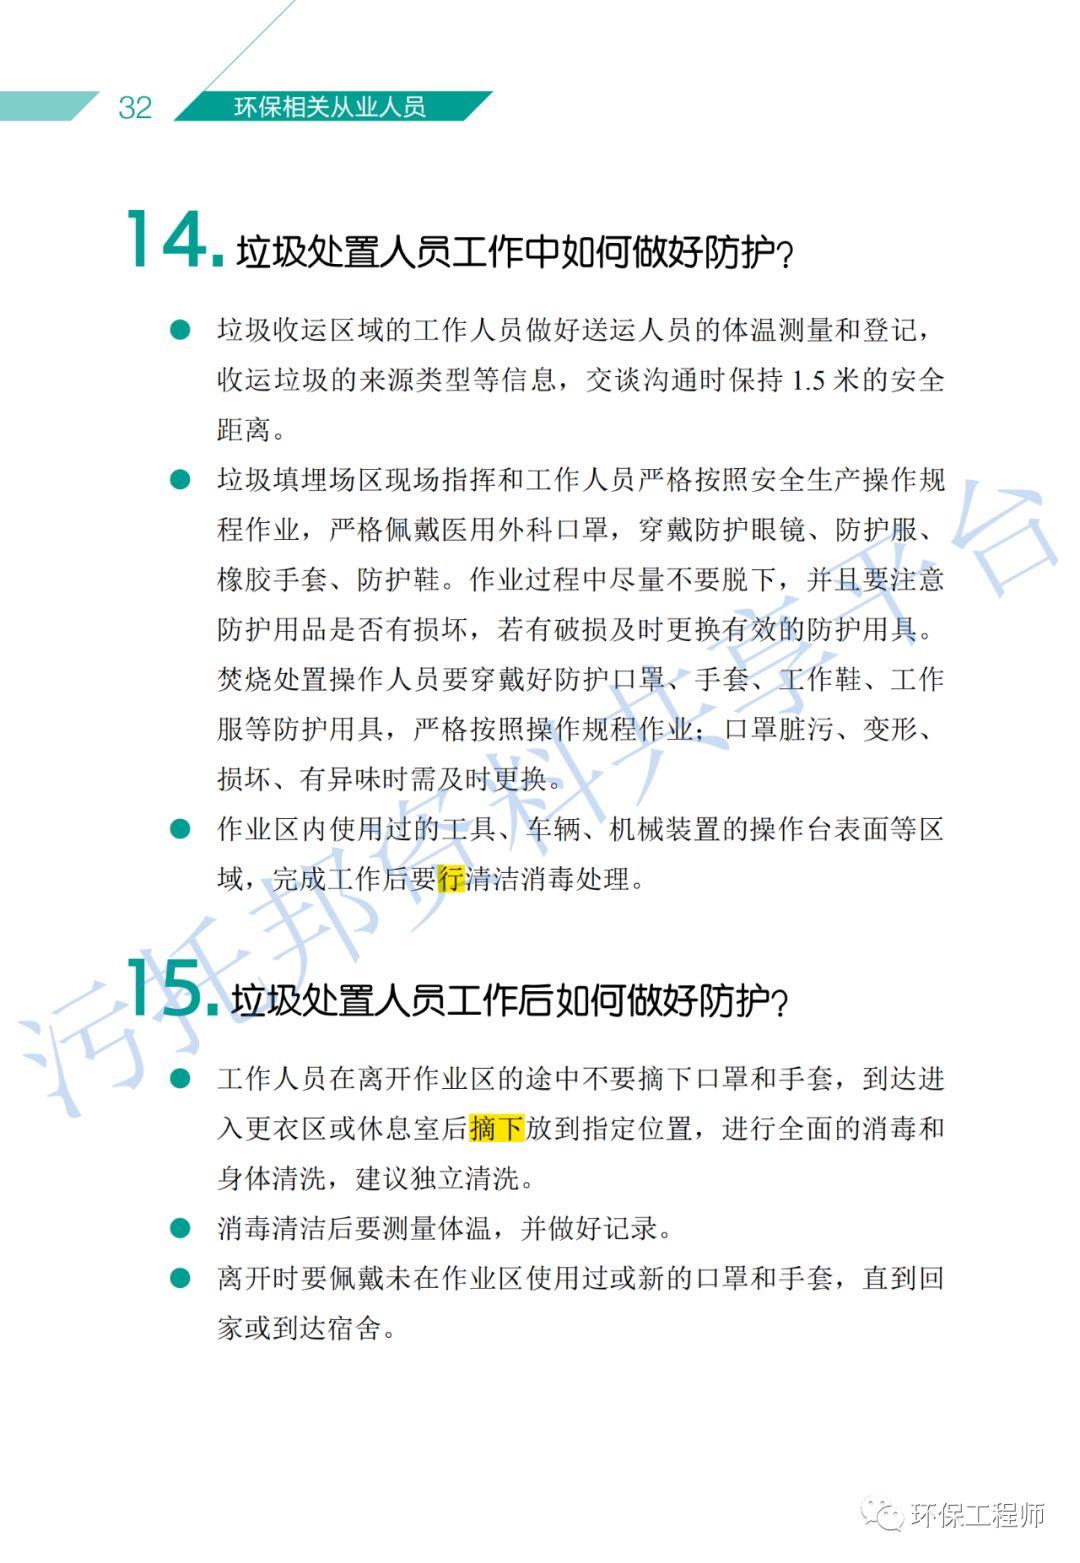 《环保从业人员新型冠状病毒疫情防护手册》_18